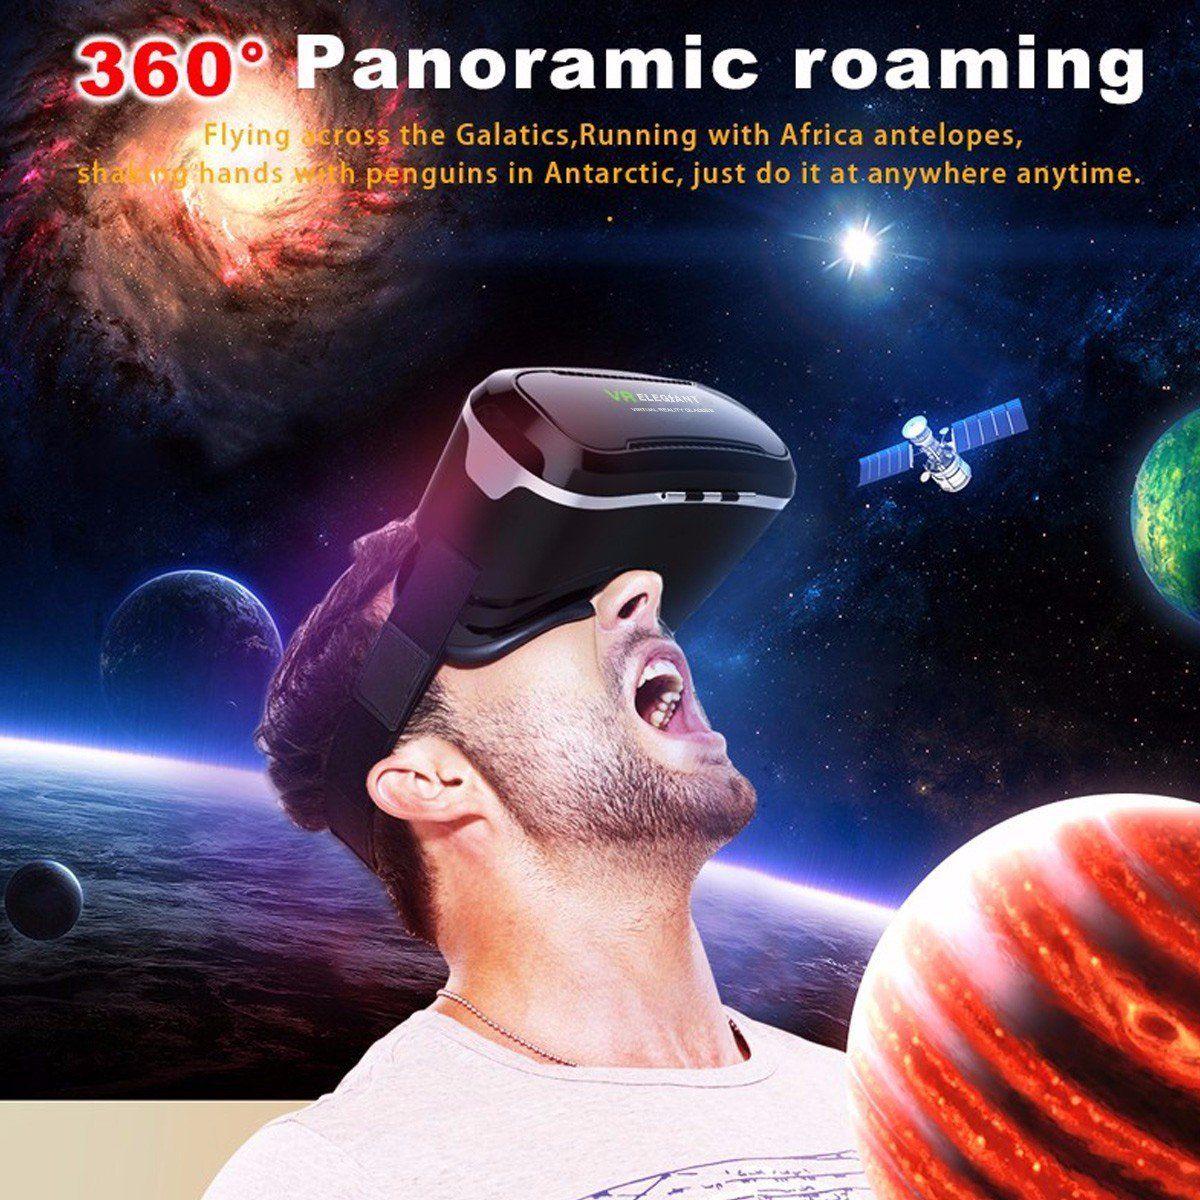 VR Brille Test - der Mann testet die Auflösung und Sichtfeld von einer VR Brille